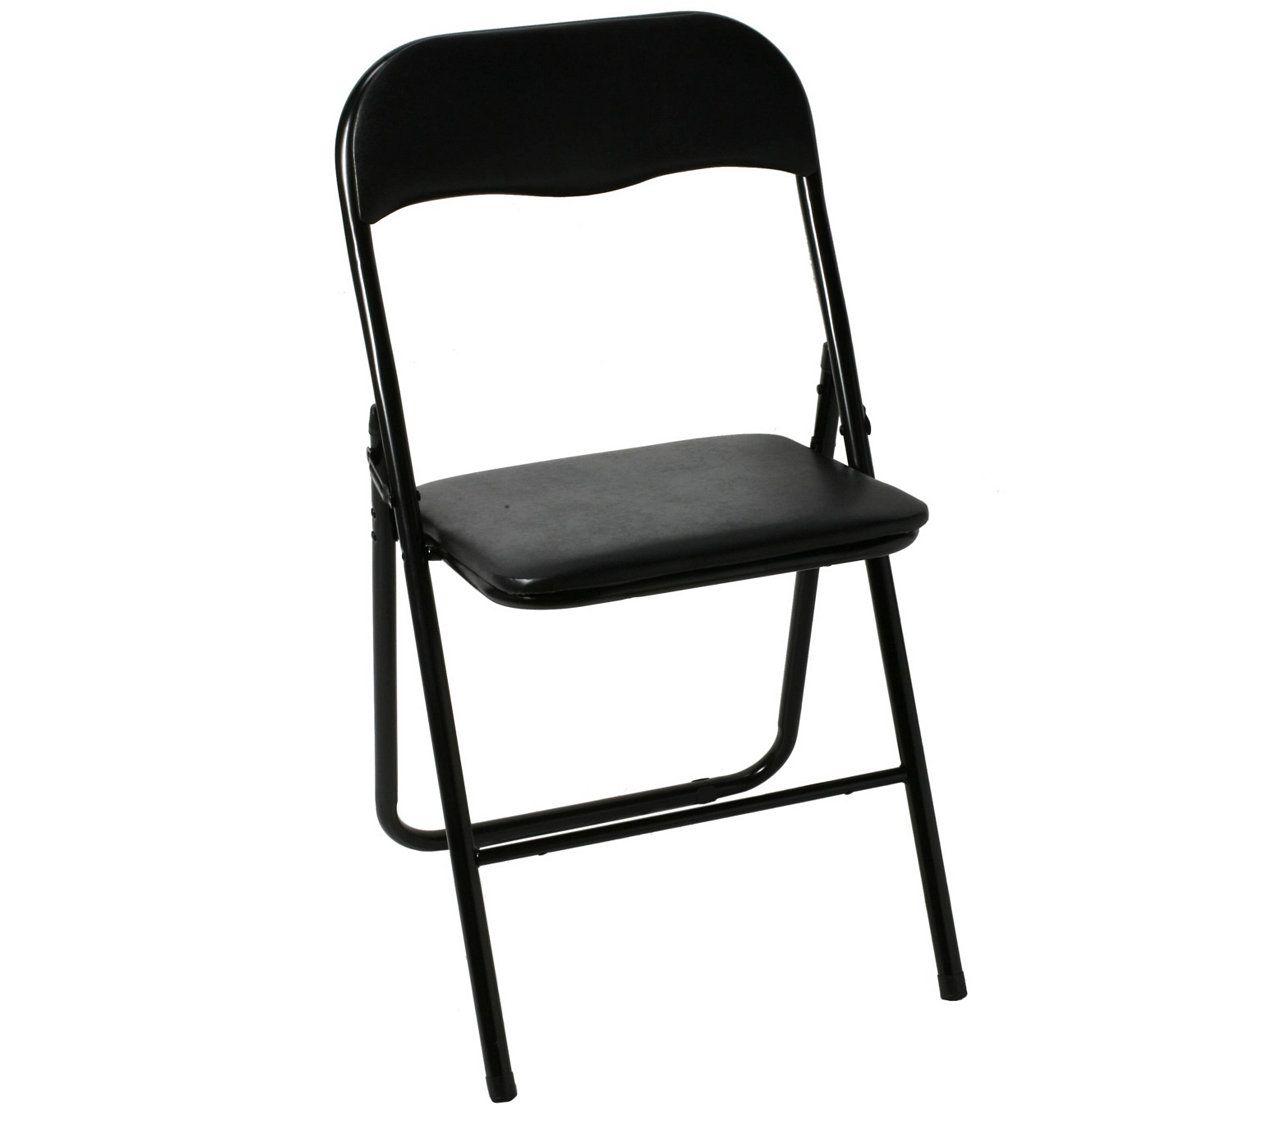 Impressionnant Chaise Pliante Plastique Pas Cher